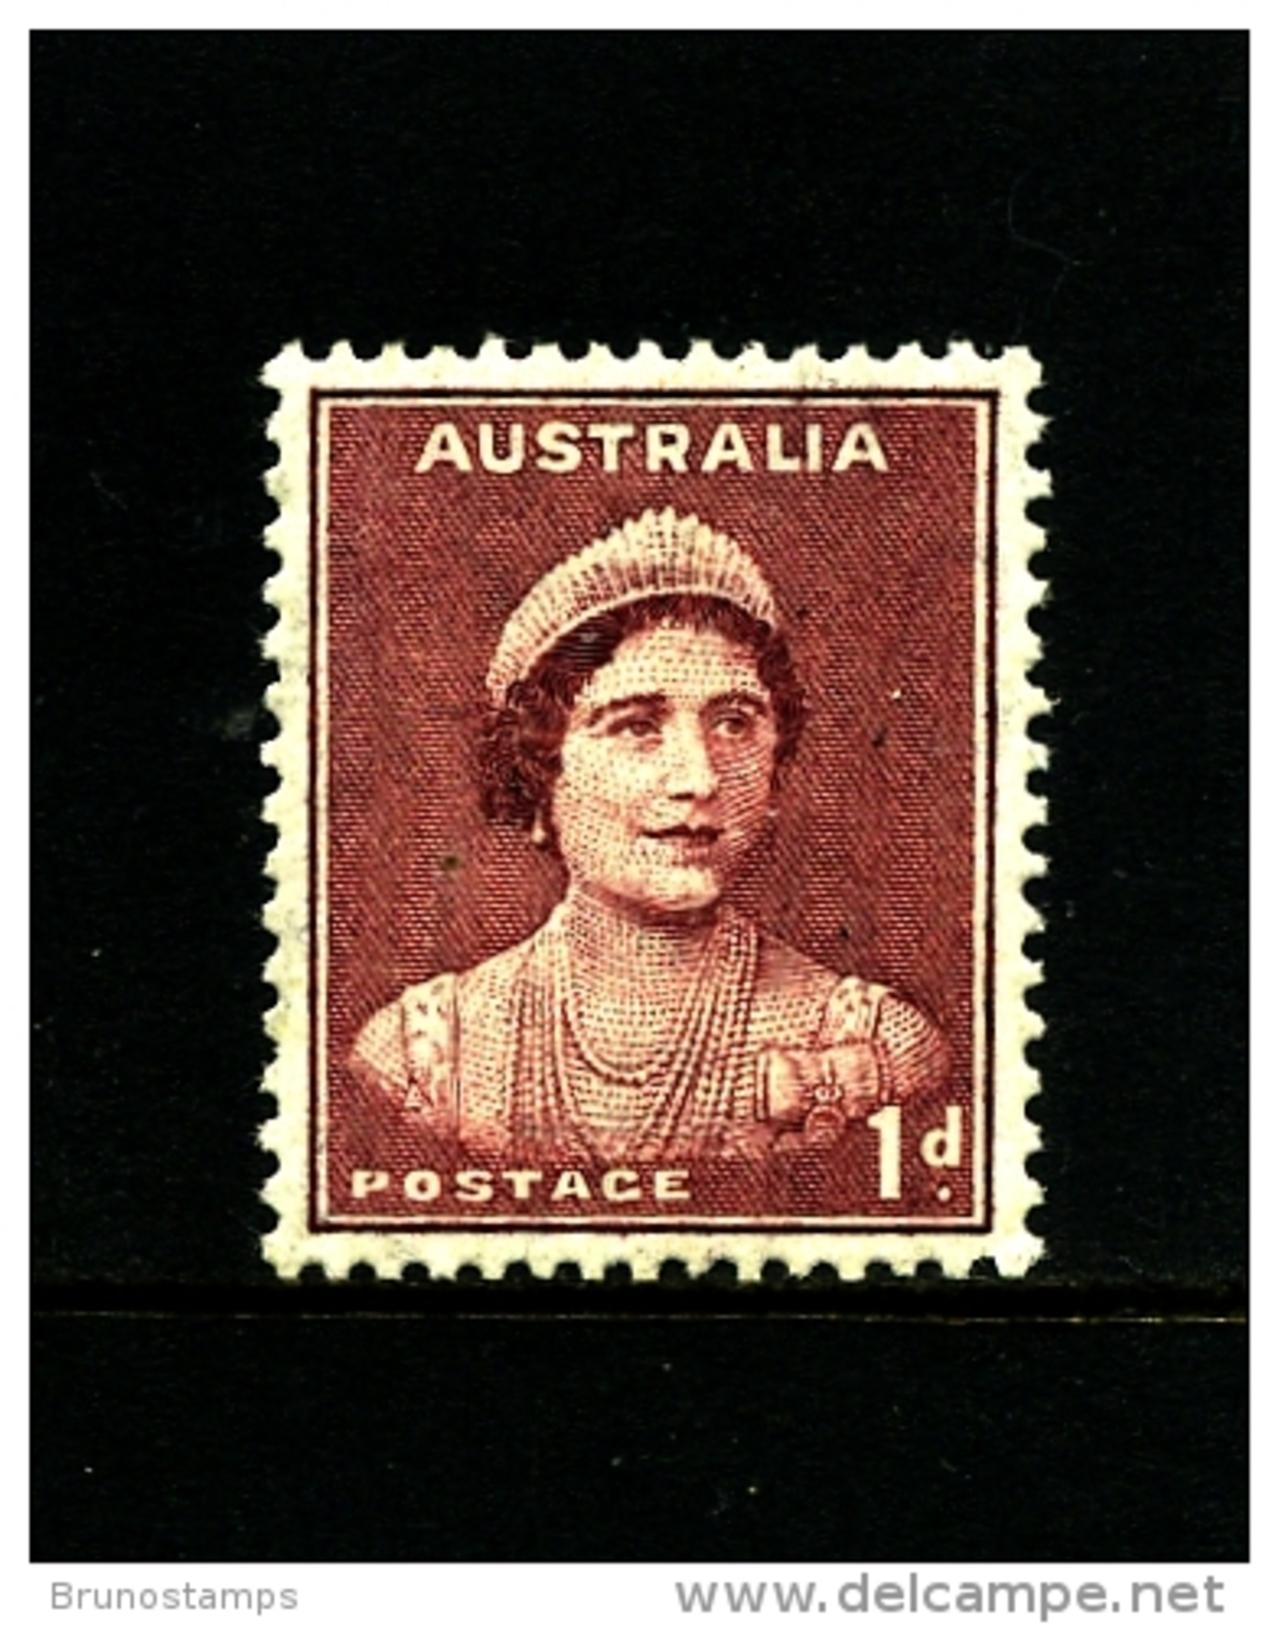 AUSTRALIA - 1941  DEFINITIVE  1d  MAROON  WMK  PERF. 14 X 15  MINT  SG 181 - 1937-52 George VI